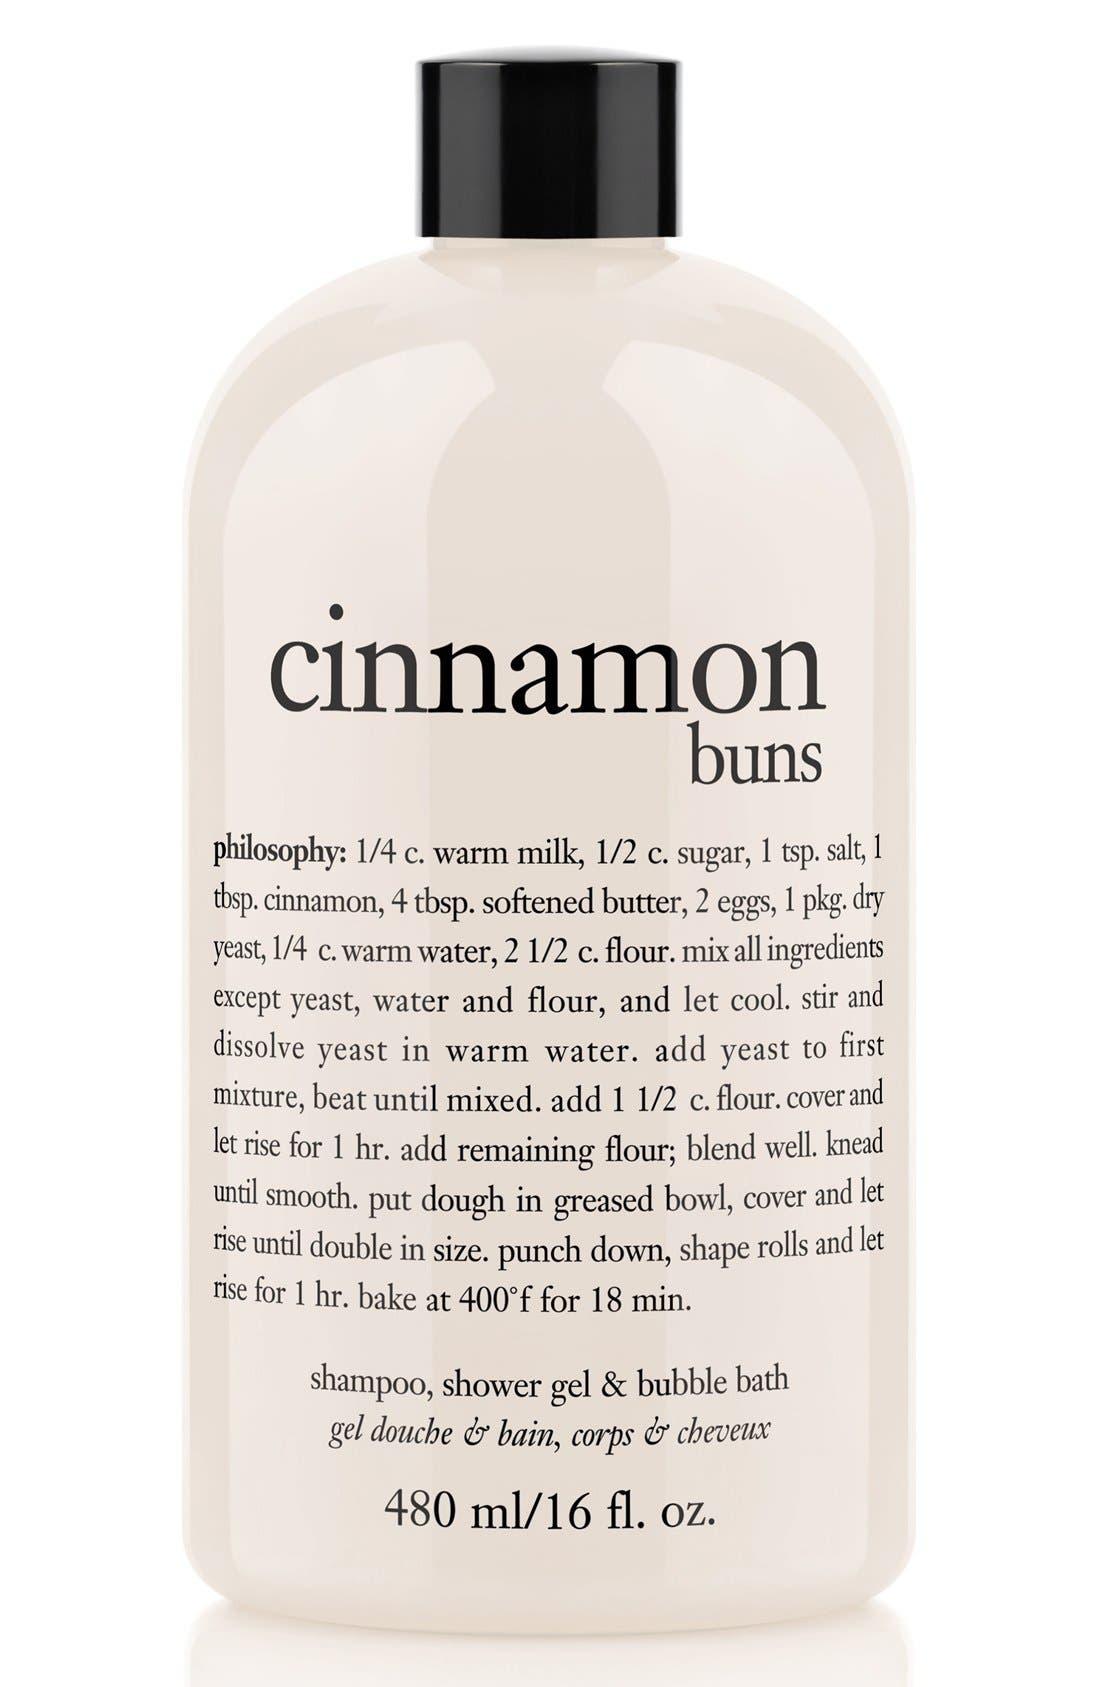 PHILOSOPHY 'cinnamon buns' shampoo, shower gel & bubble bath, Main, color, NO COLOR